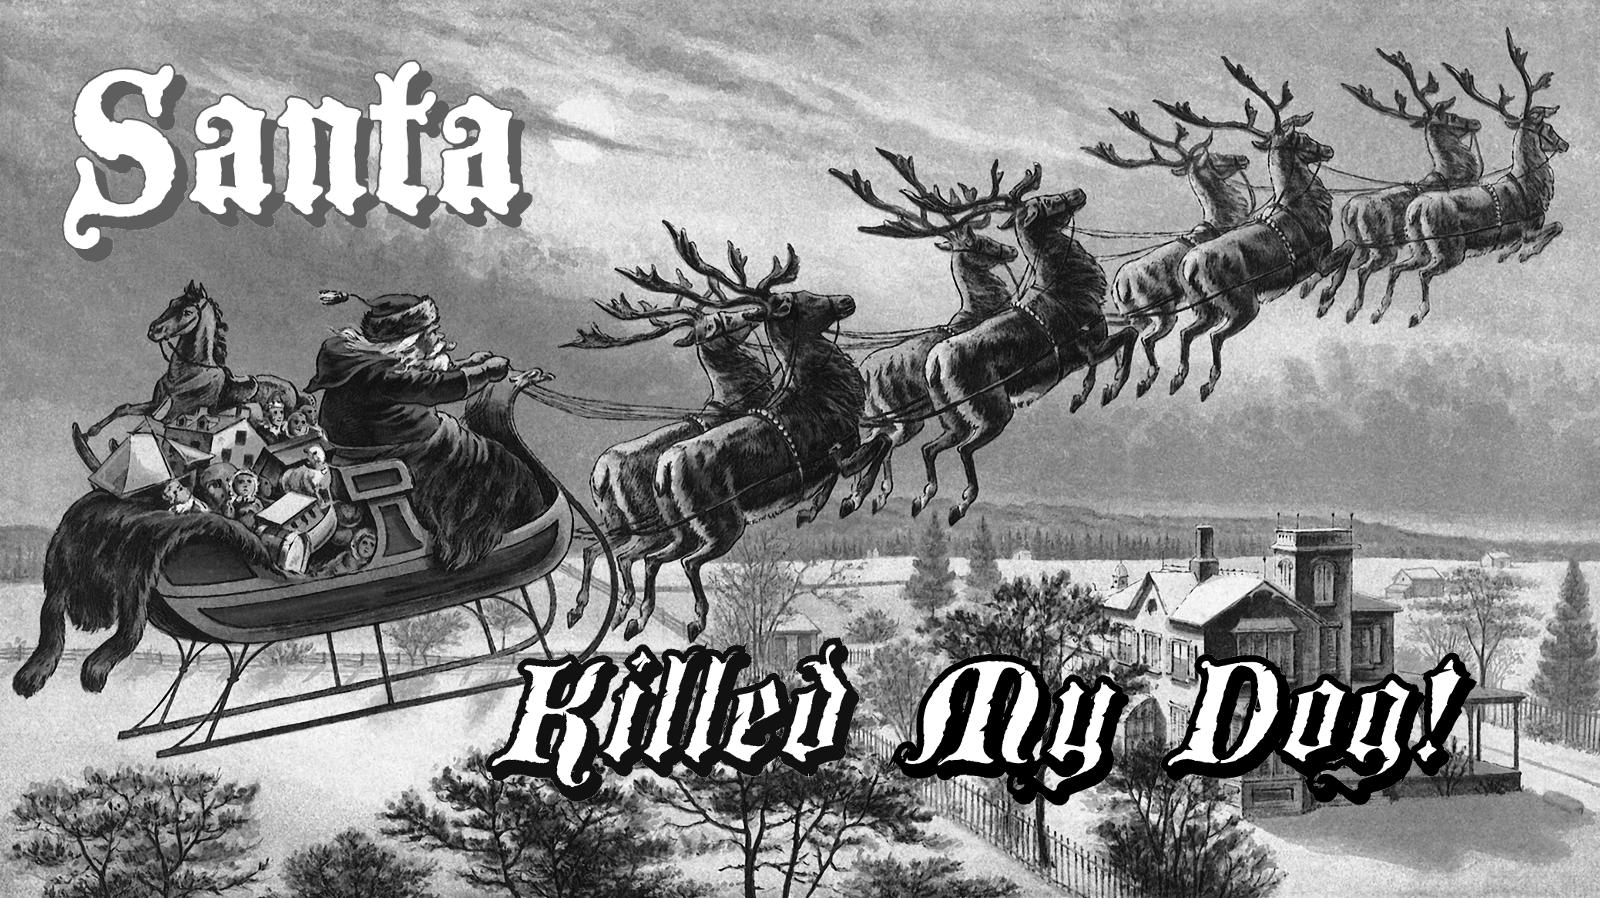 Santa Killed my Dog!